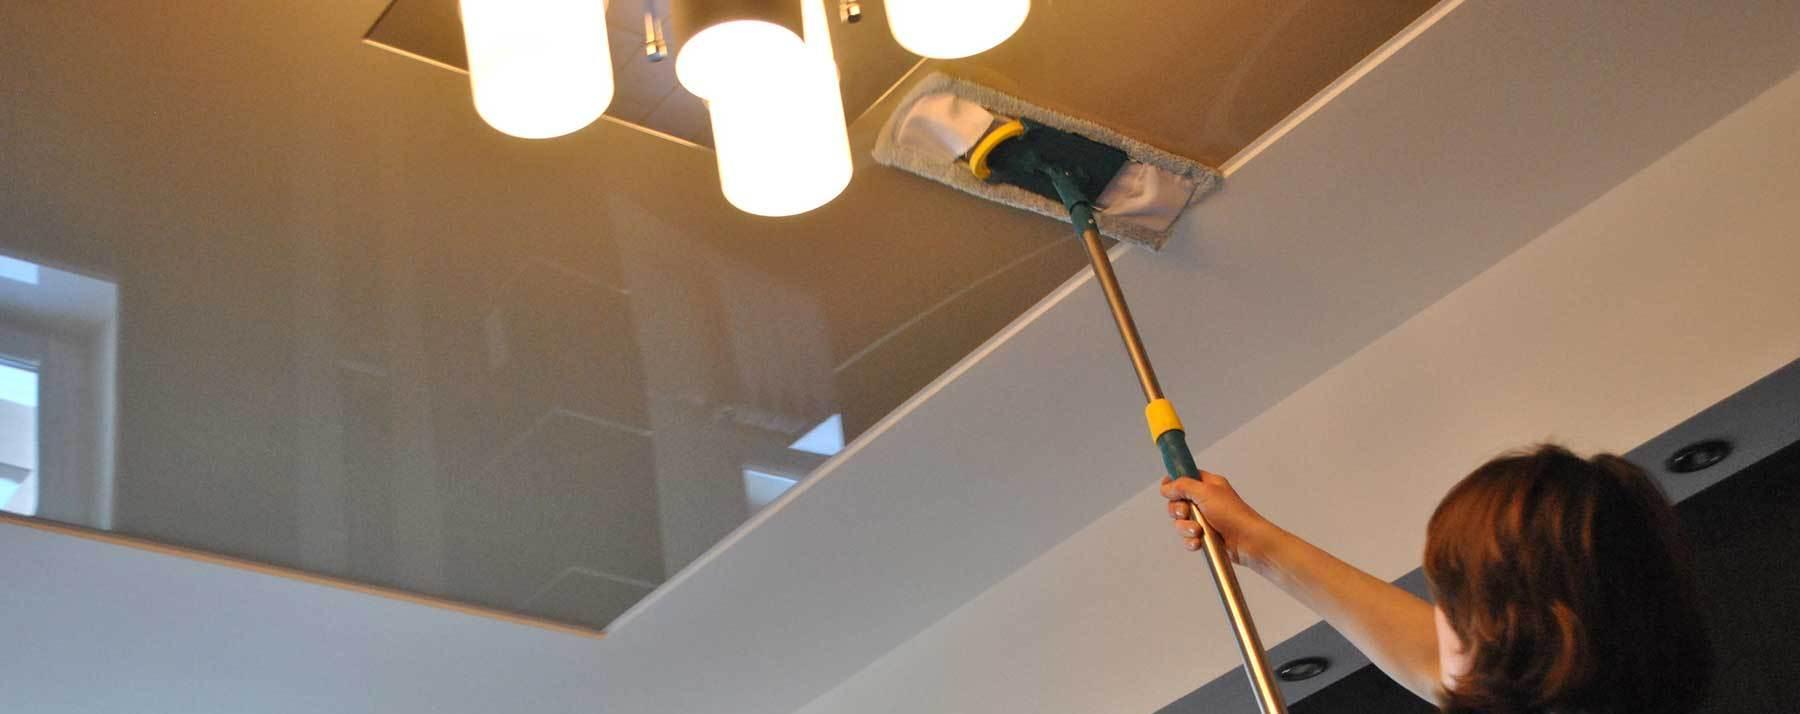 время натяжной потолок выбор материала предупредили, чтобы прощёлкал